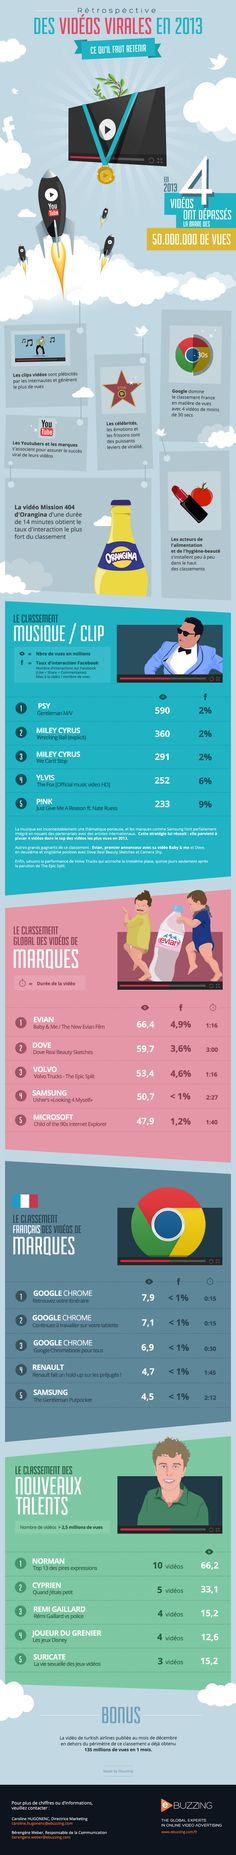 Google Chrome aux 3 premières places des vidéos de marque les plus vues en France en 2013 selon Ebuzzing Les Plus Vues, Web Social, Social Media, Google, Twitter, Videos, Content Marketing, Digital Marketing, Web Design